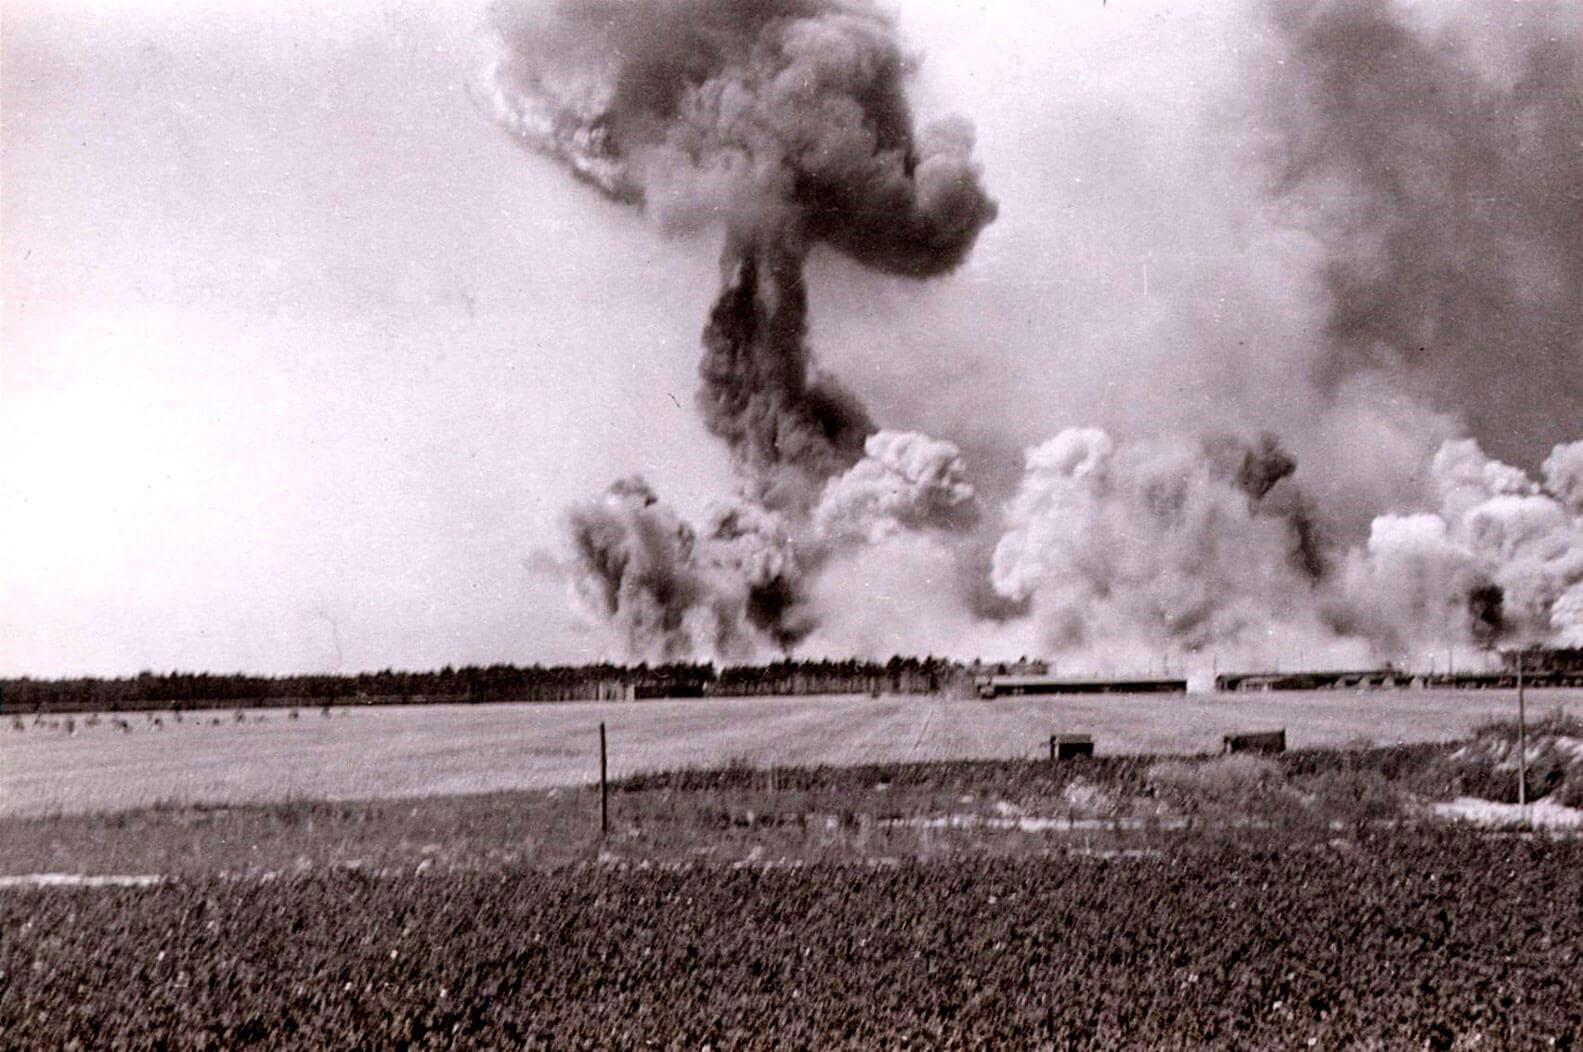 Luftangriff-Ludwigsfelde-3